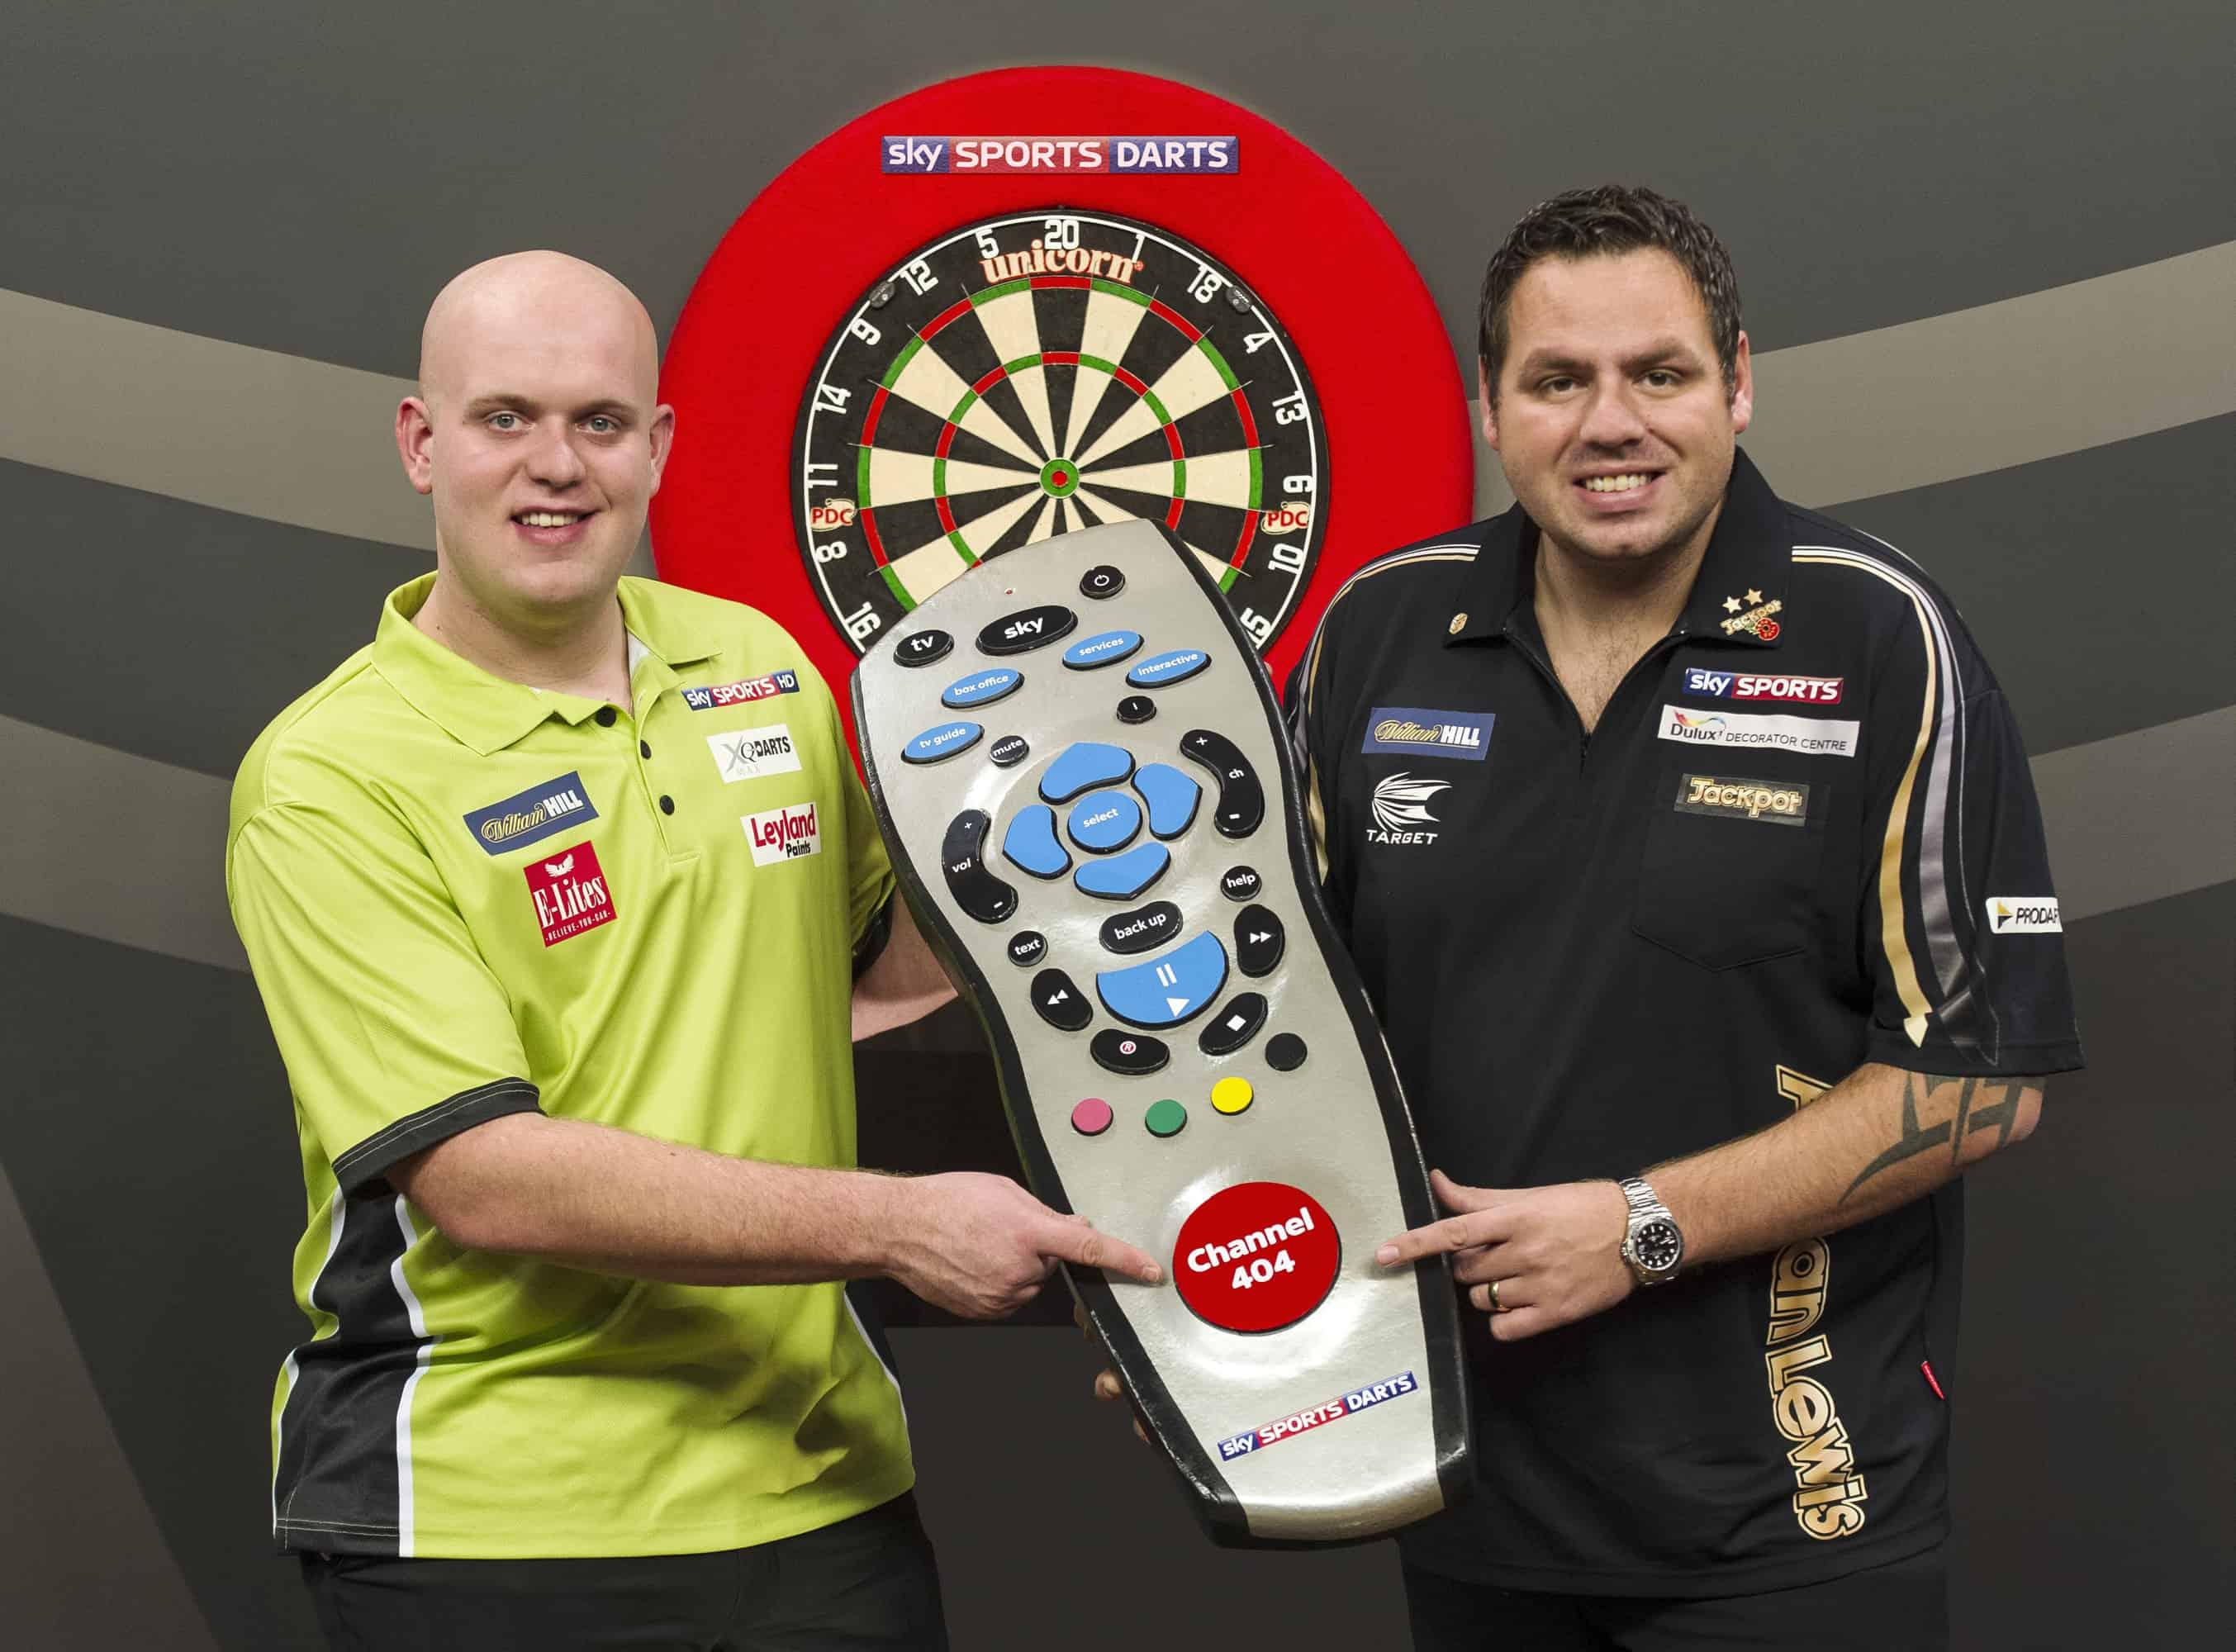 Sky Sports Darts005